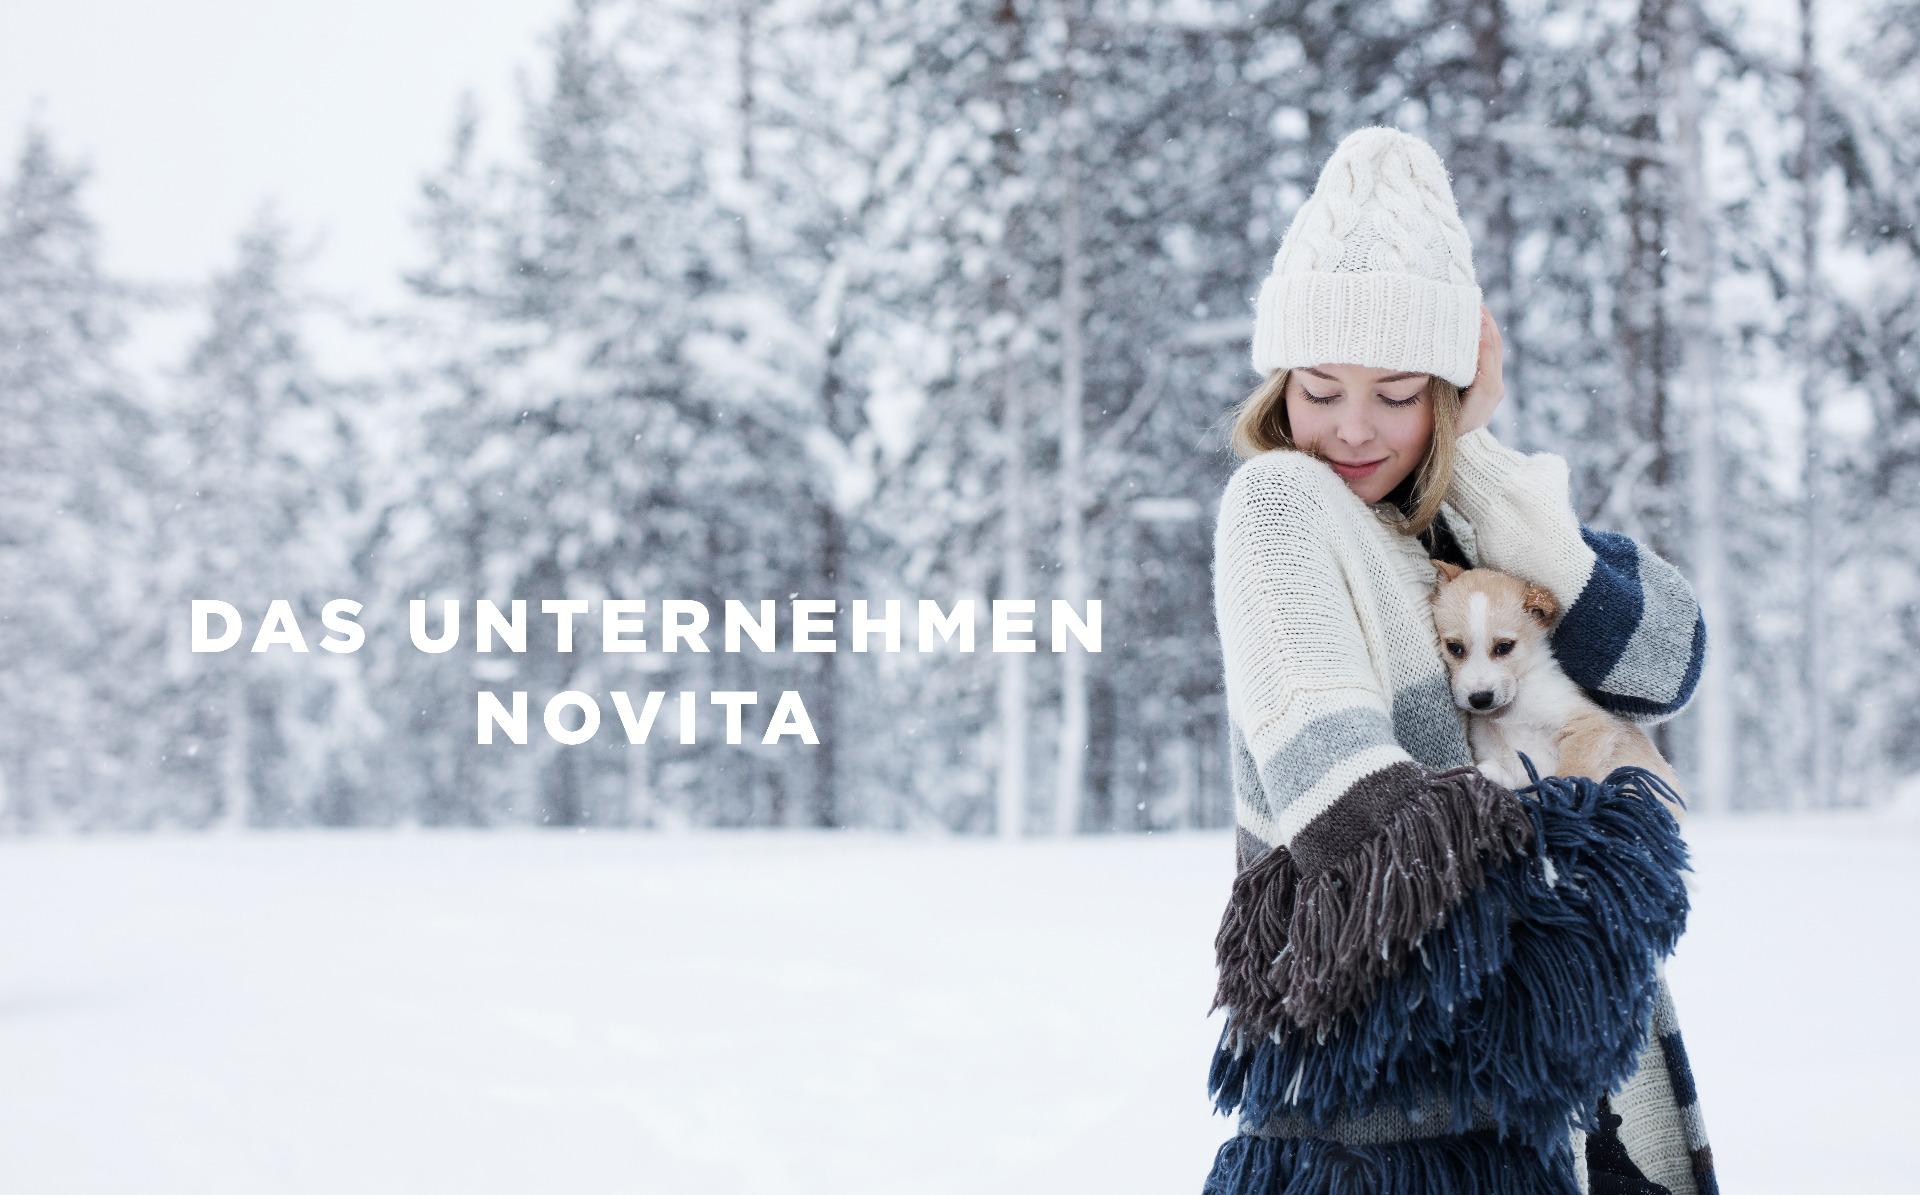 Das_Unternehmen_Novita